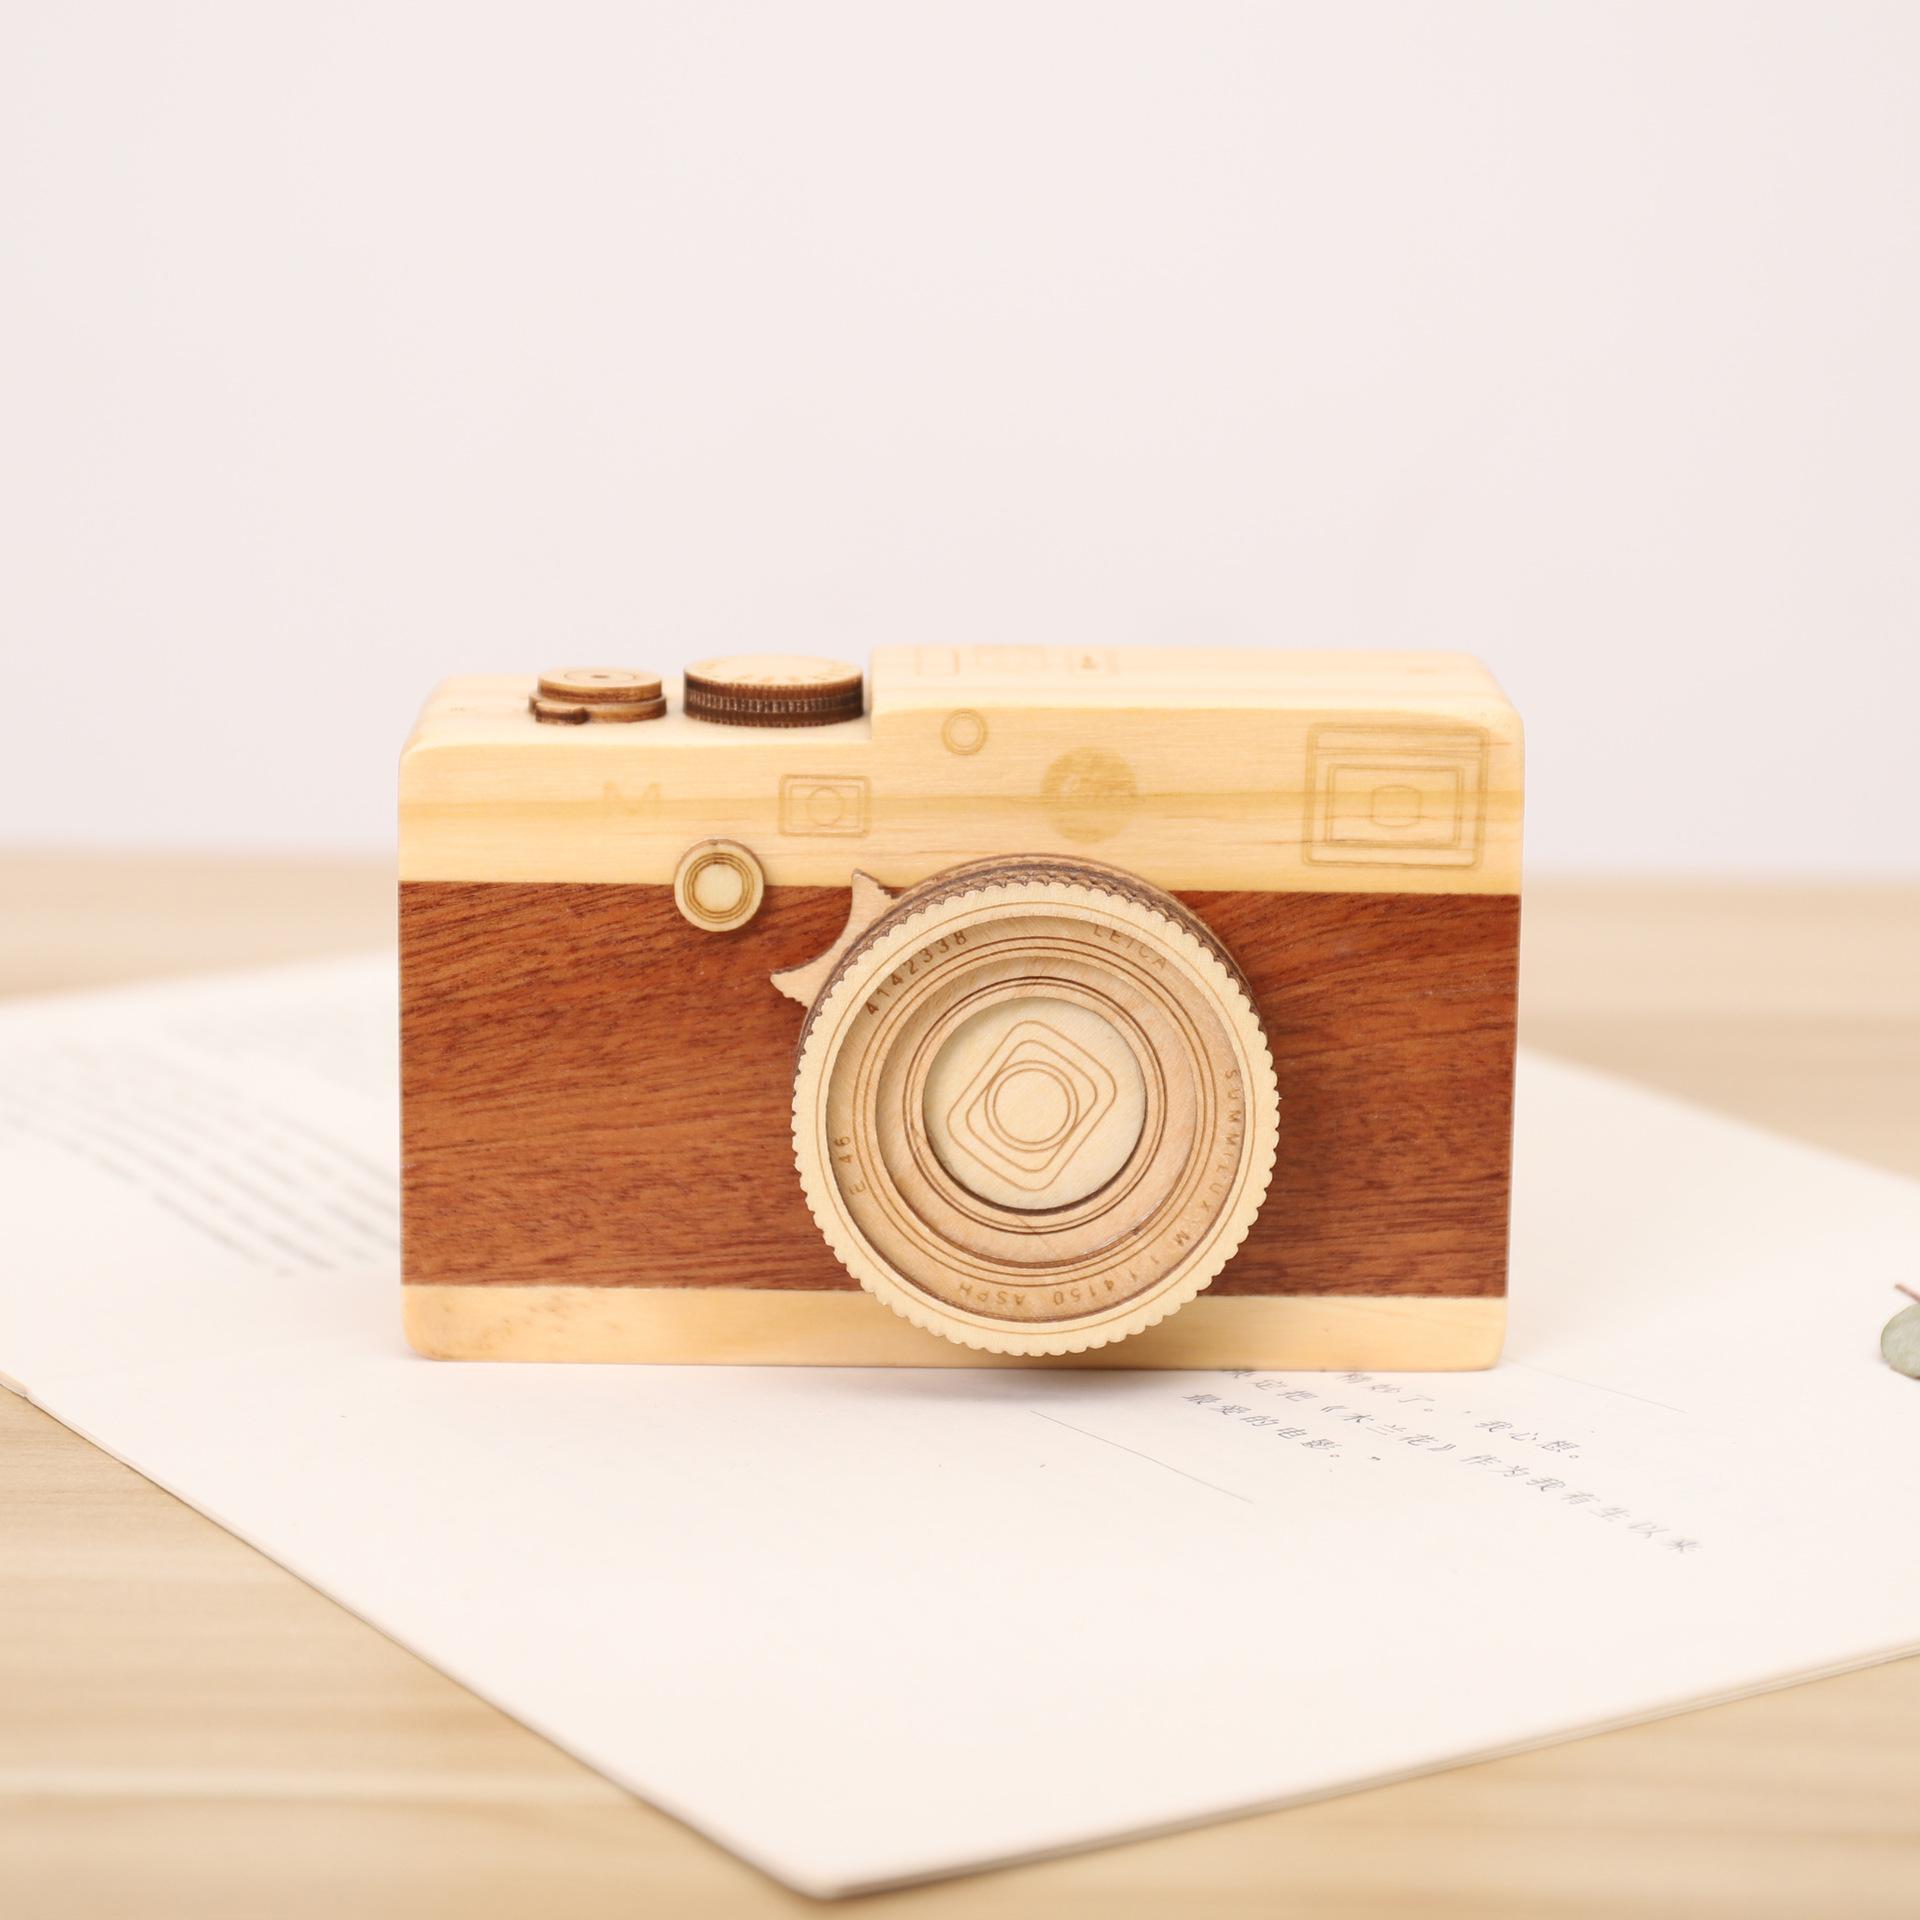 Câmera Modelos de madeira Music Box criativo retro Câmera Music Box Presente de aniversário Music Box